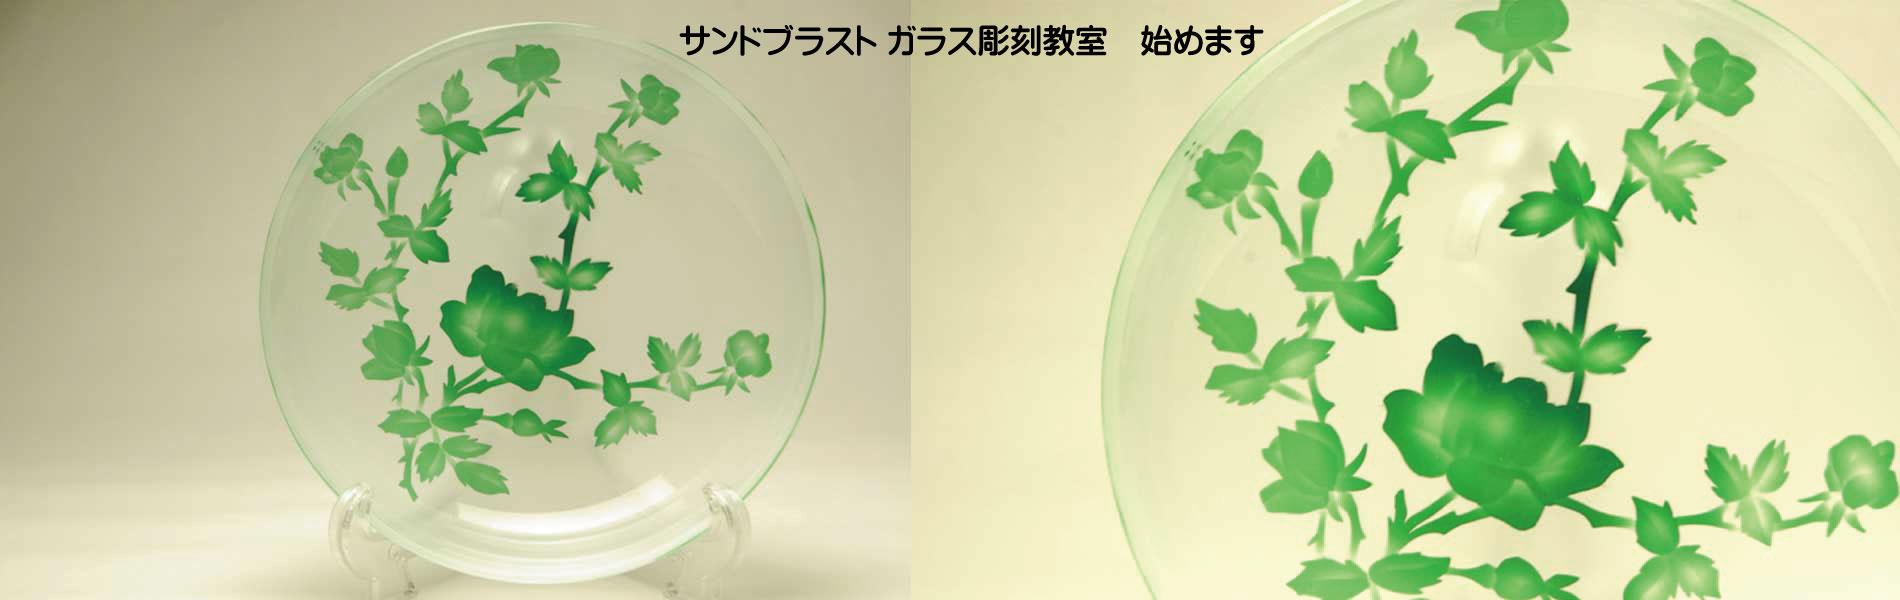 ブラスト工房 サンドブラスト・ガラス彫刻専門